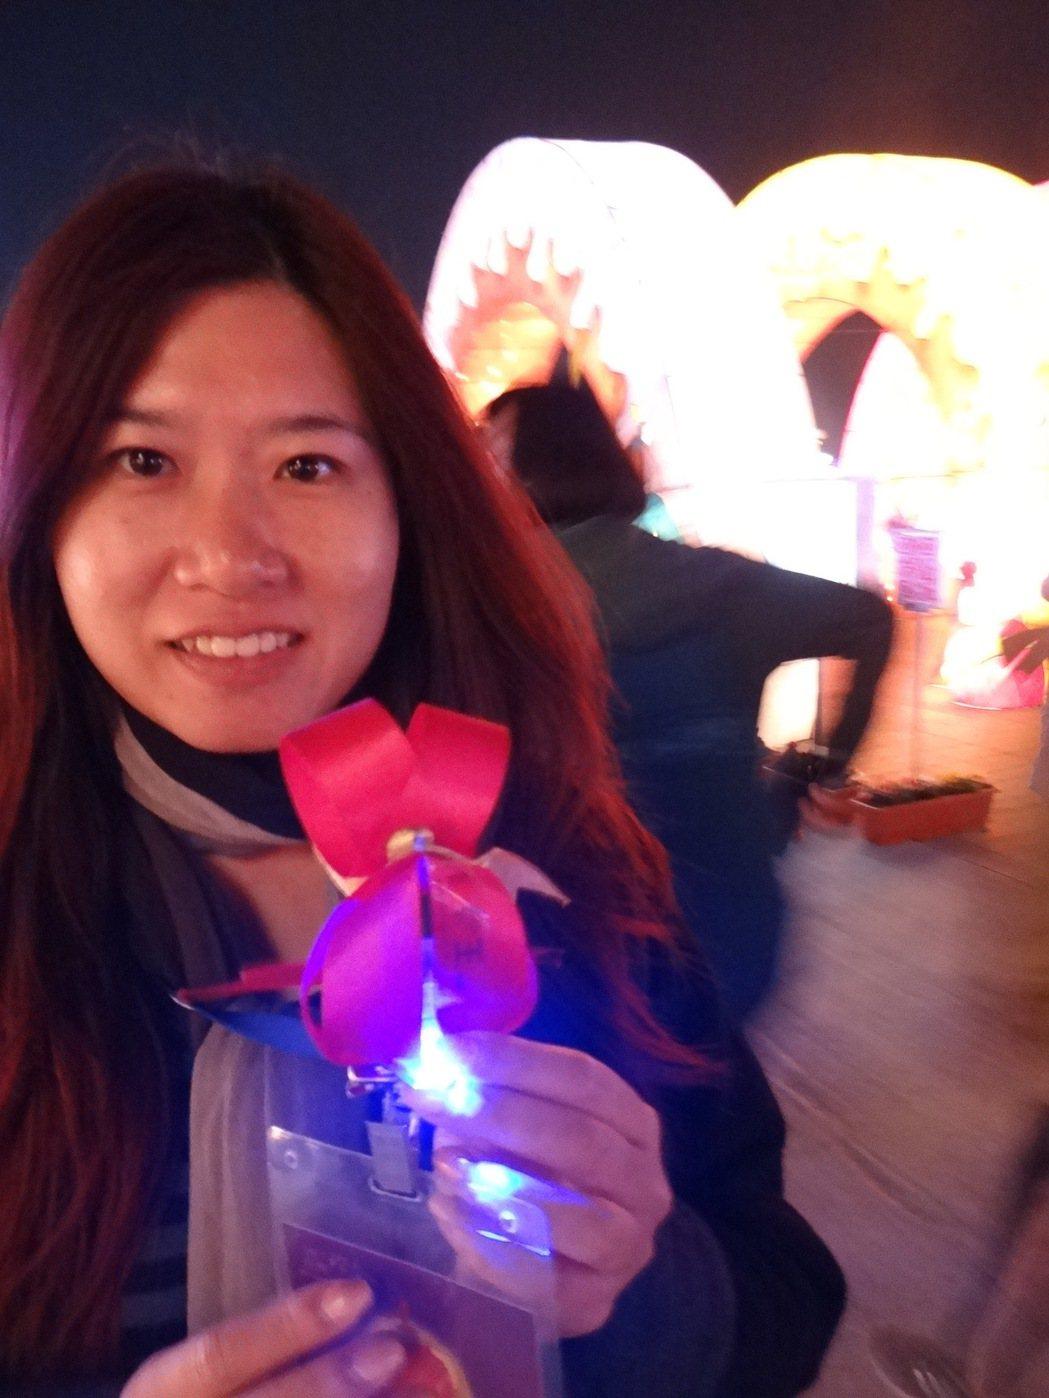 情人燈區免費送可愛的小喜鵲燈,寒天中讓愛人心頭暖暖的。記者蔡維斌/攝影